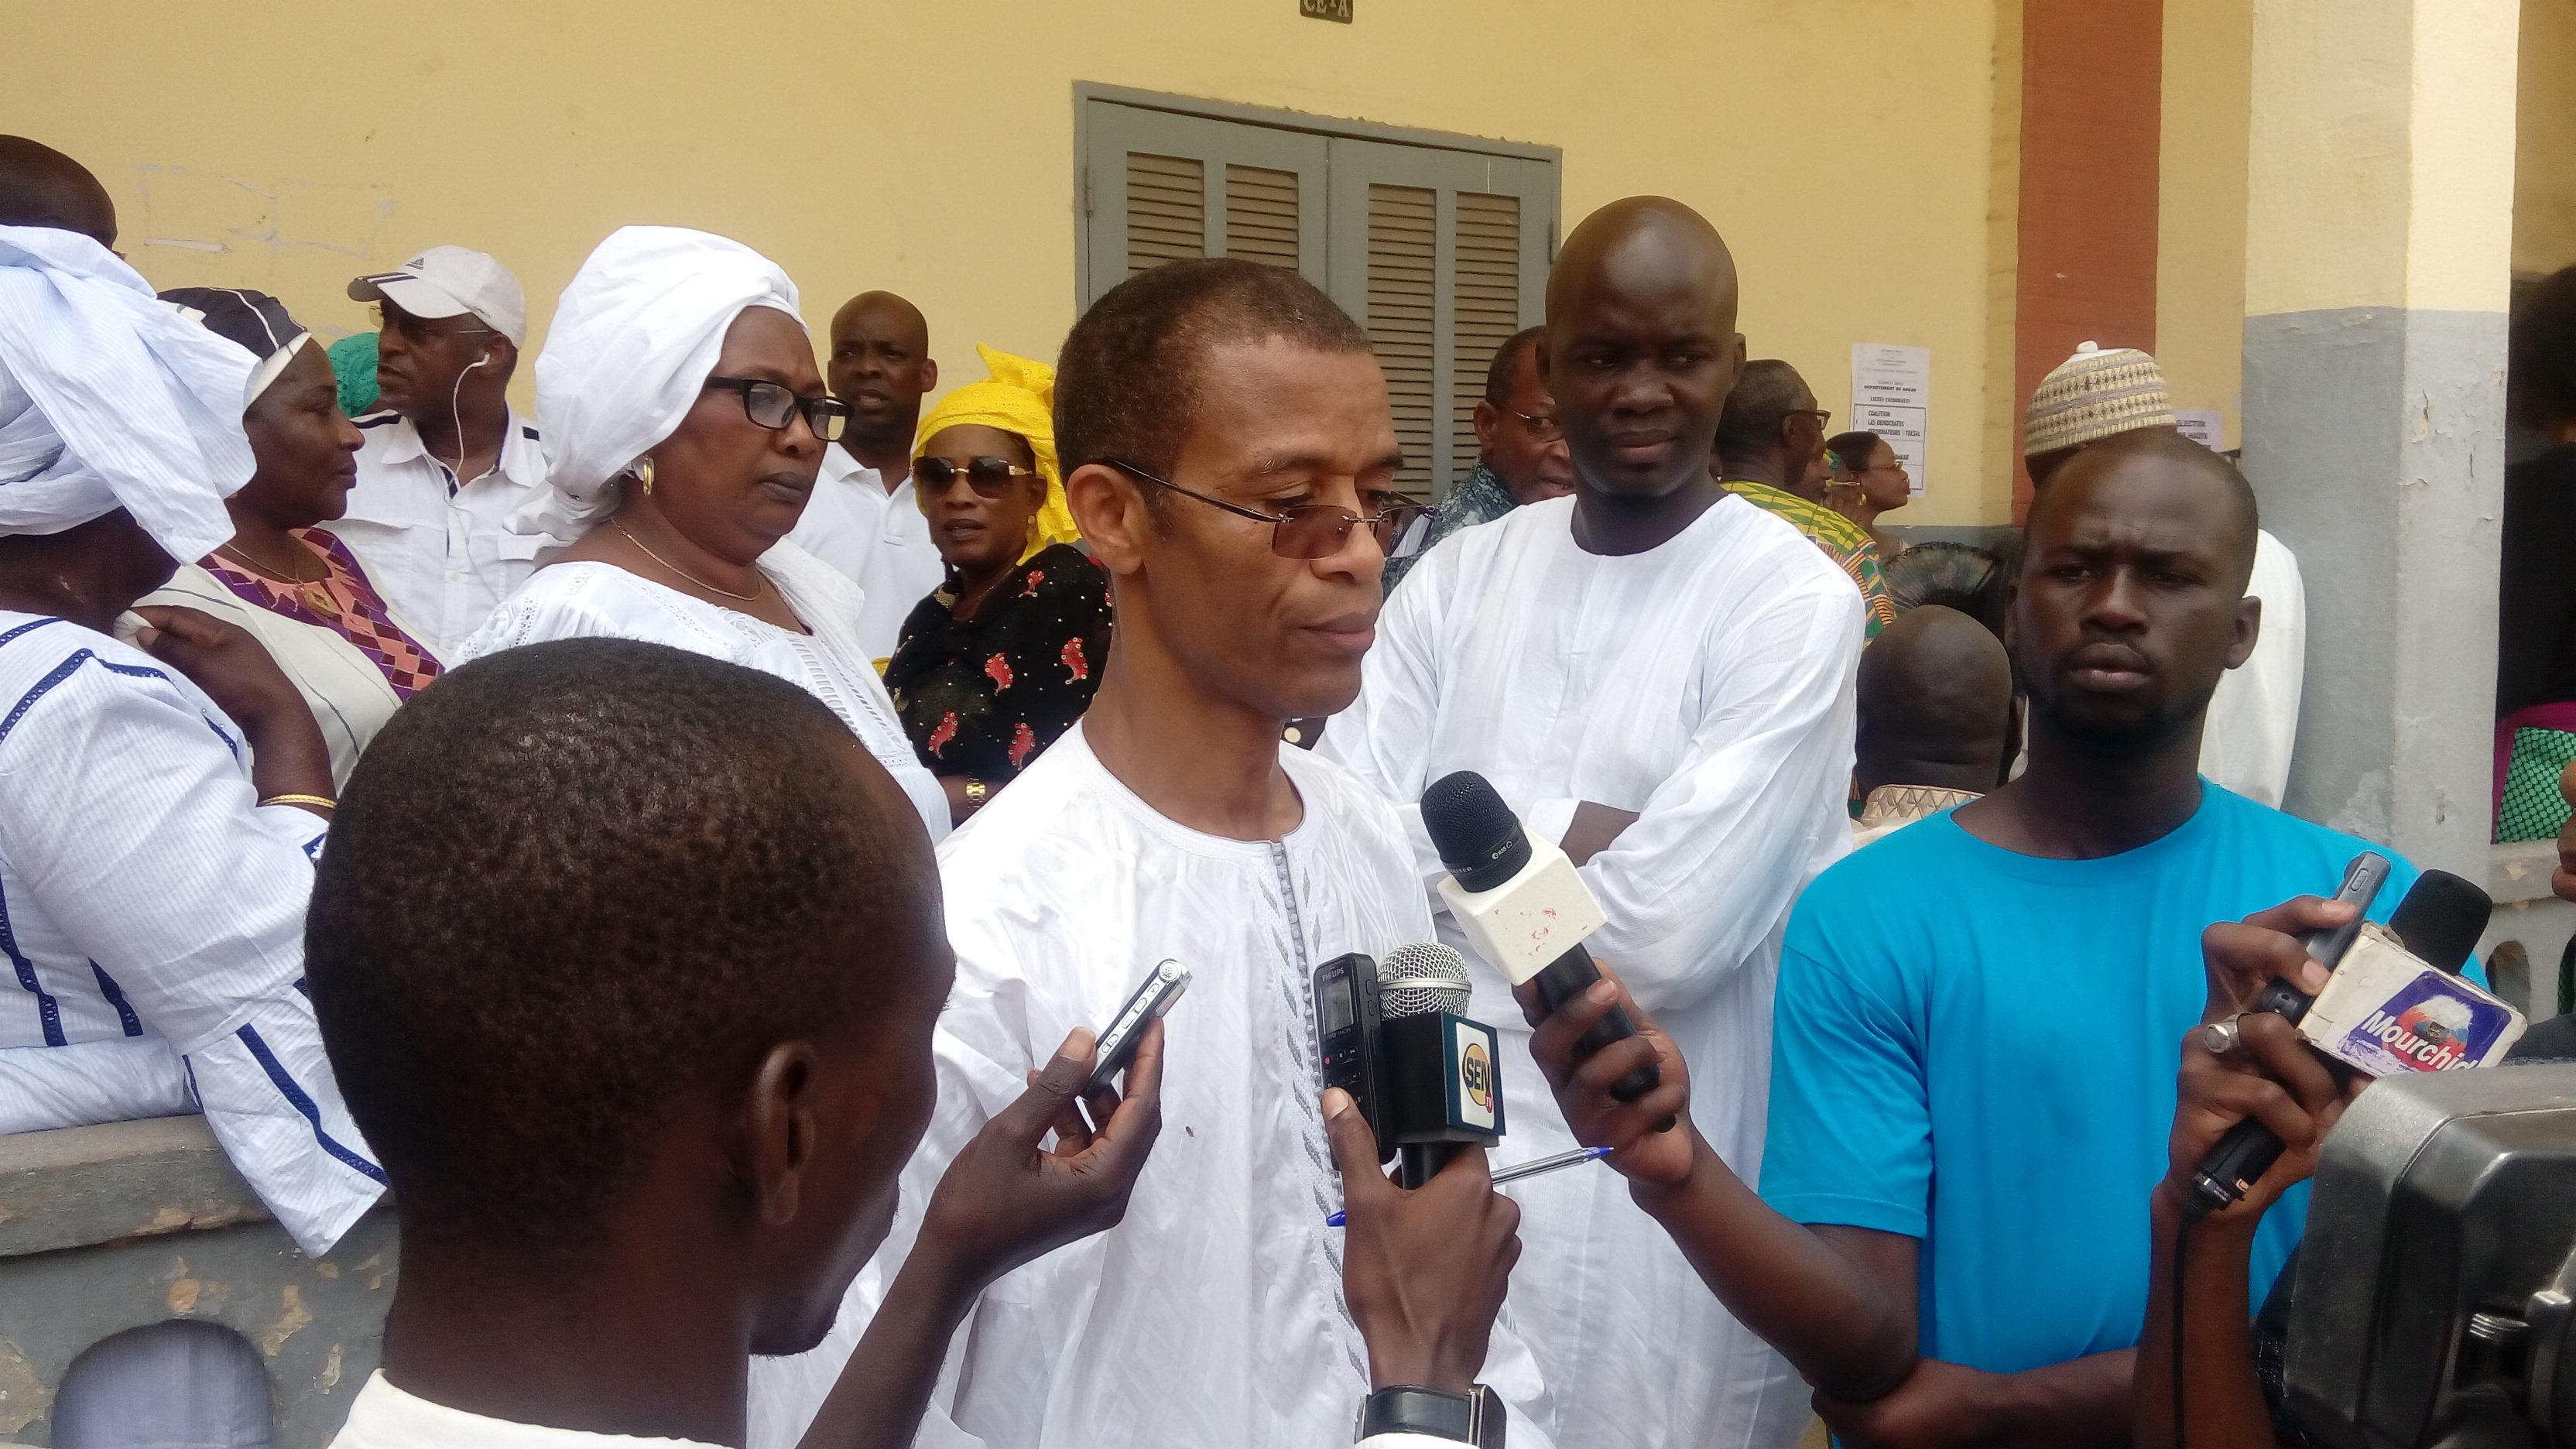 HCCT/DAKAR : Alioune N'doye, maire de Dakar-Plateau regrette la pluralité des listes à Dakar